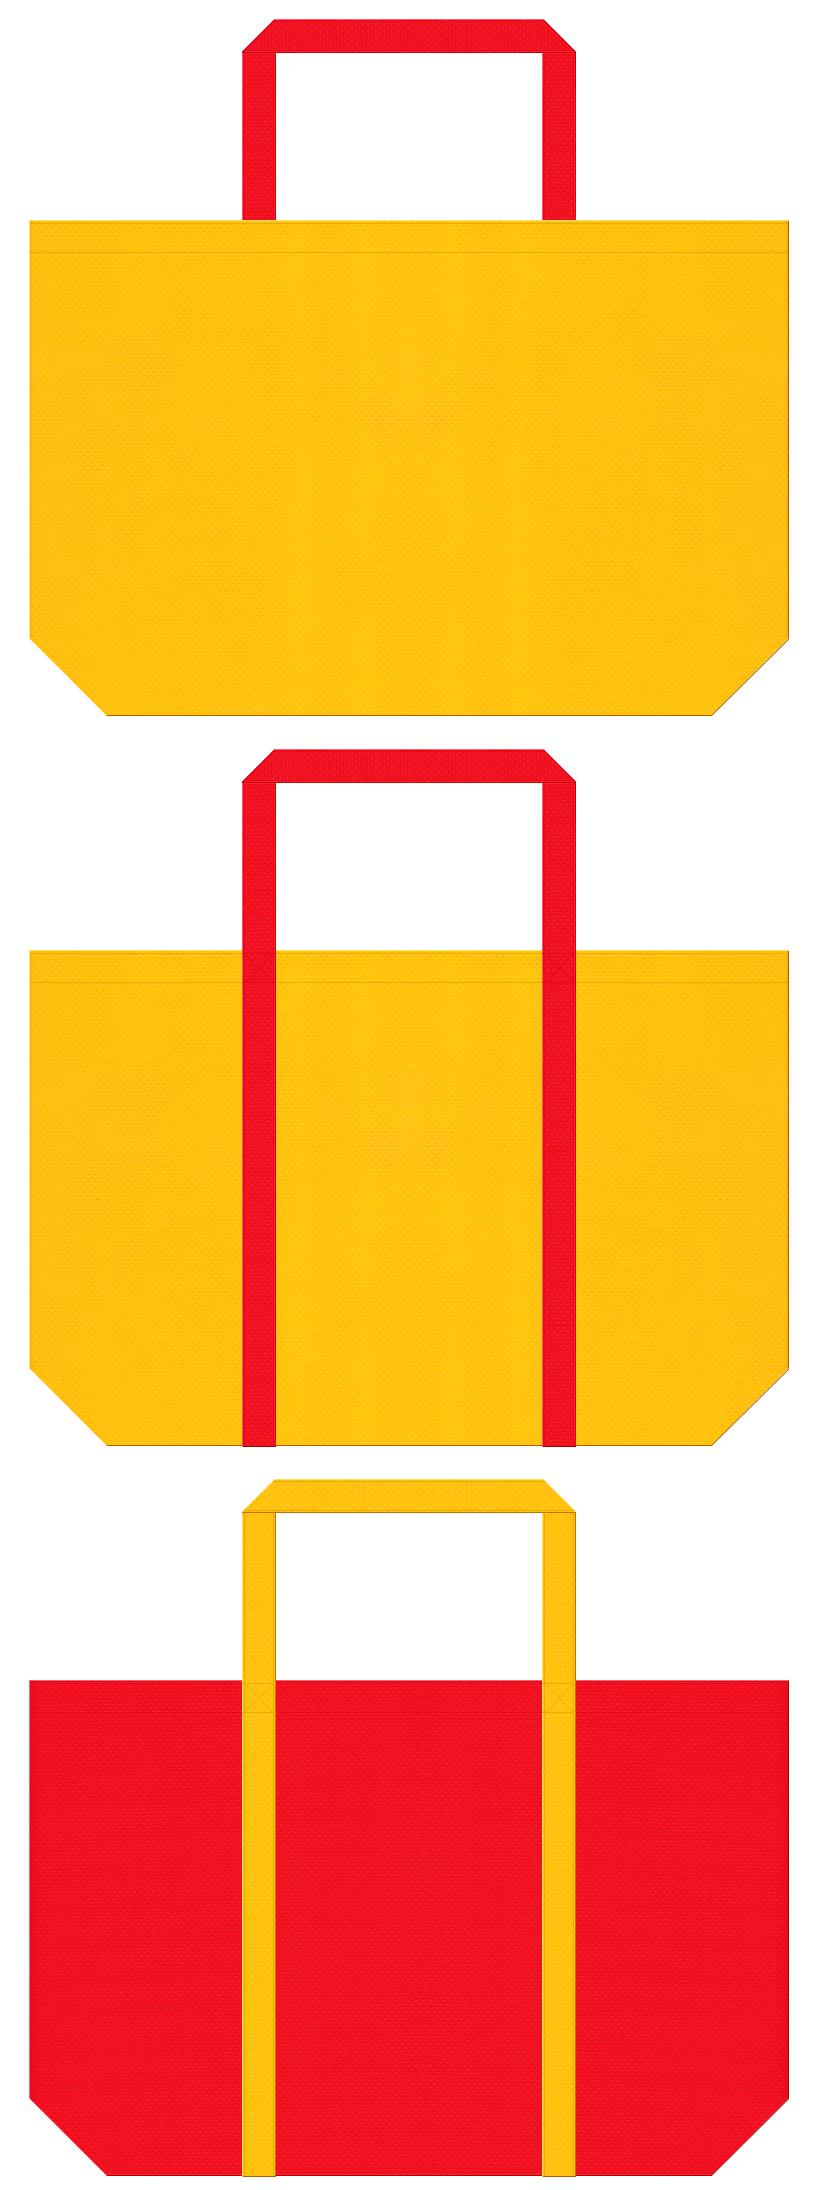 黄色と赤色の不織布バッグデザイン。遊園地・ゲーム・おもちゃのショッピングバッグにお奨めです。